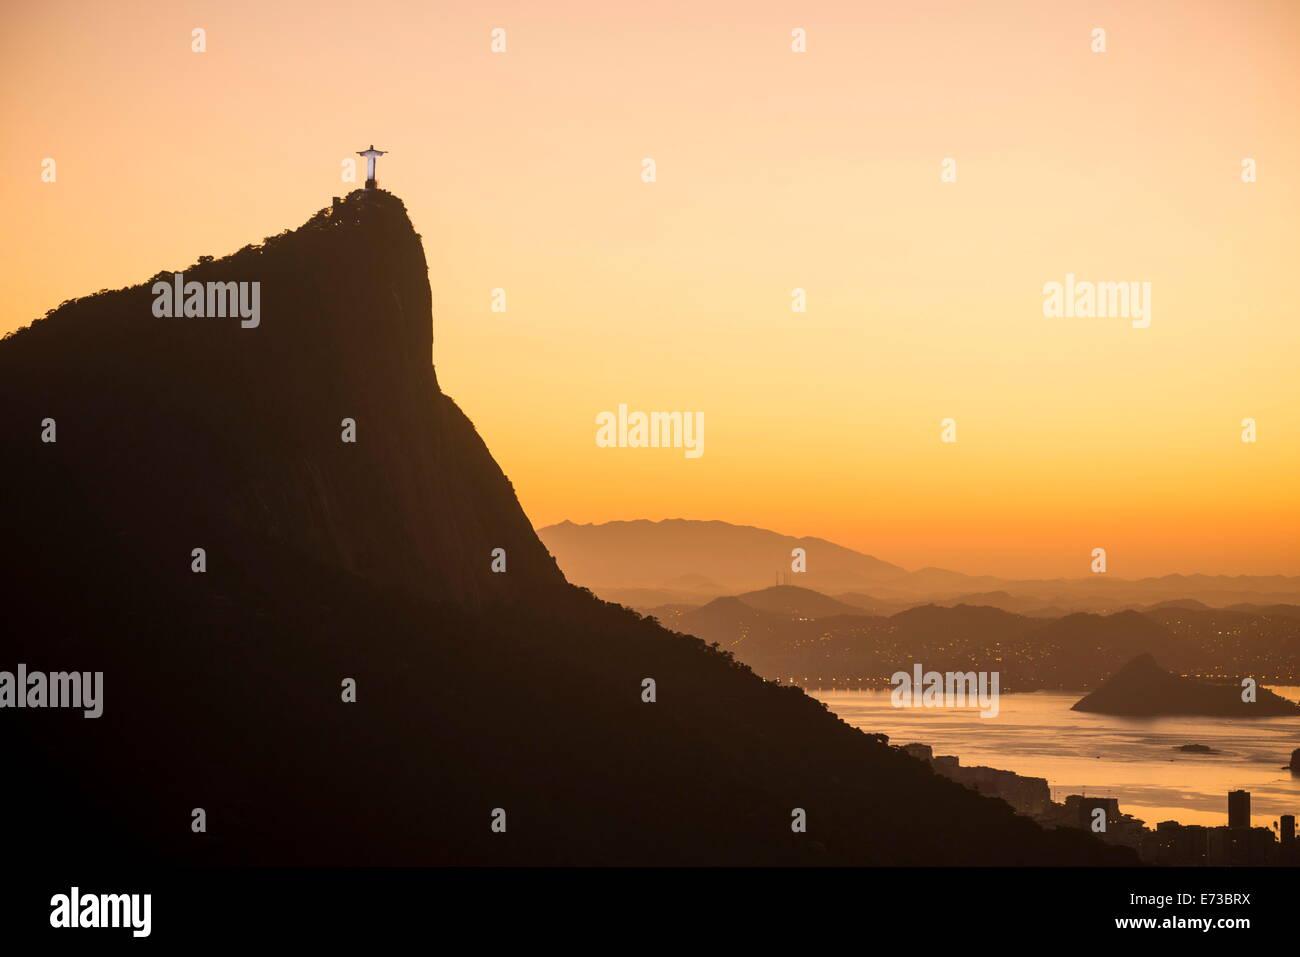 Afficher du Chinois Vista à l'aube, Rio de Janeiro, Brésil, Amérique du Sud Photo Stock